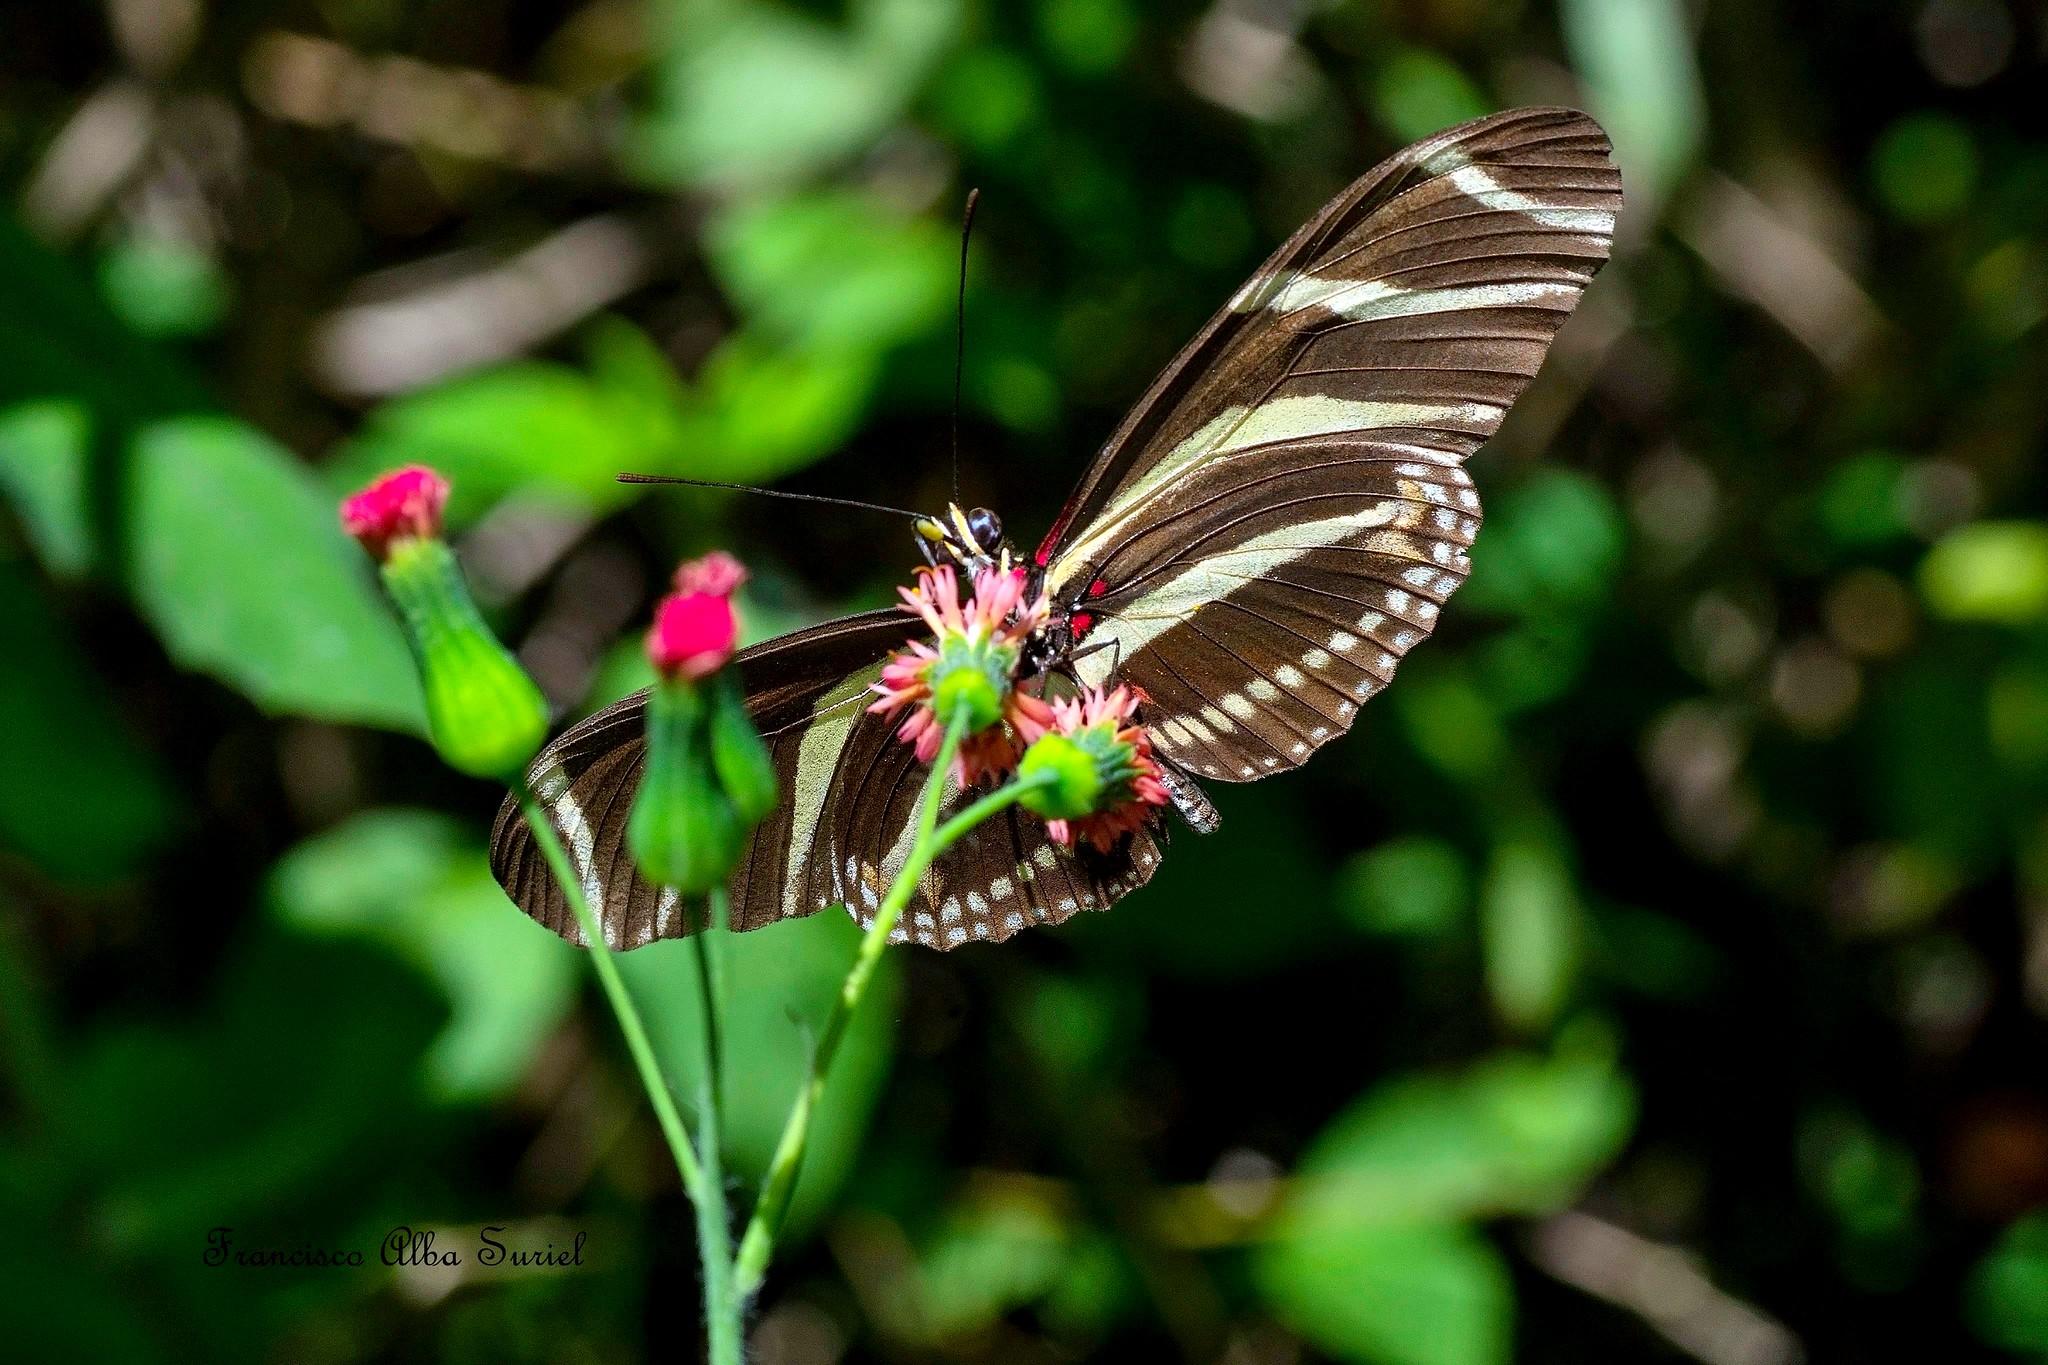 Mariposa cebra (Heliconius charithonius churchi)